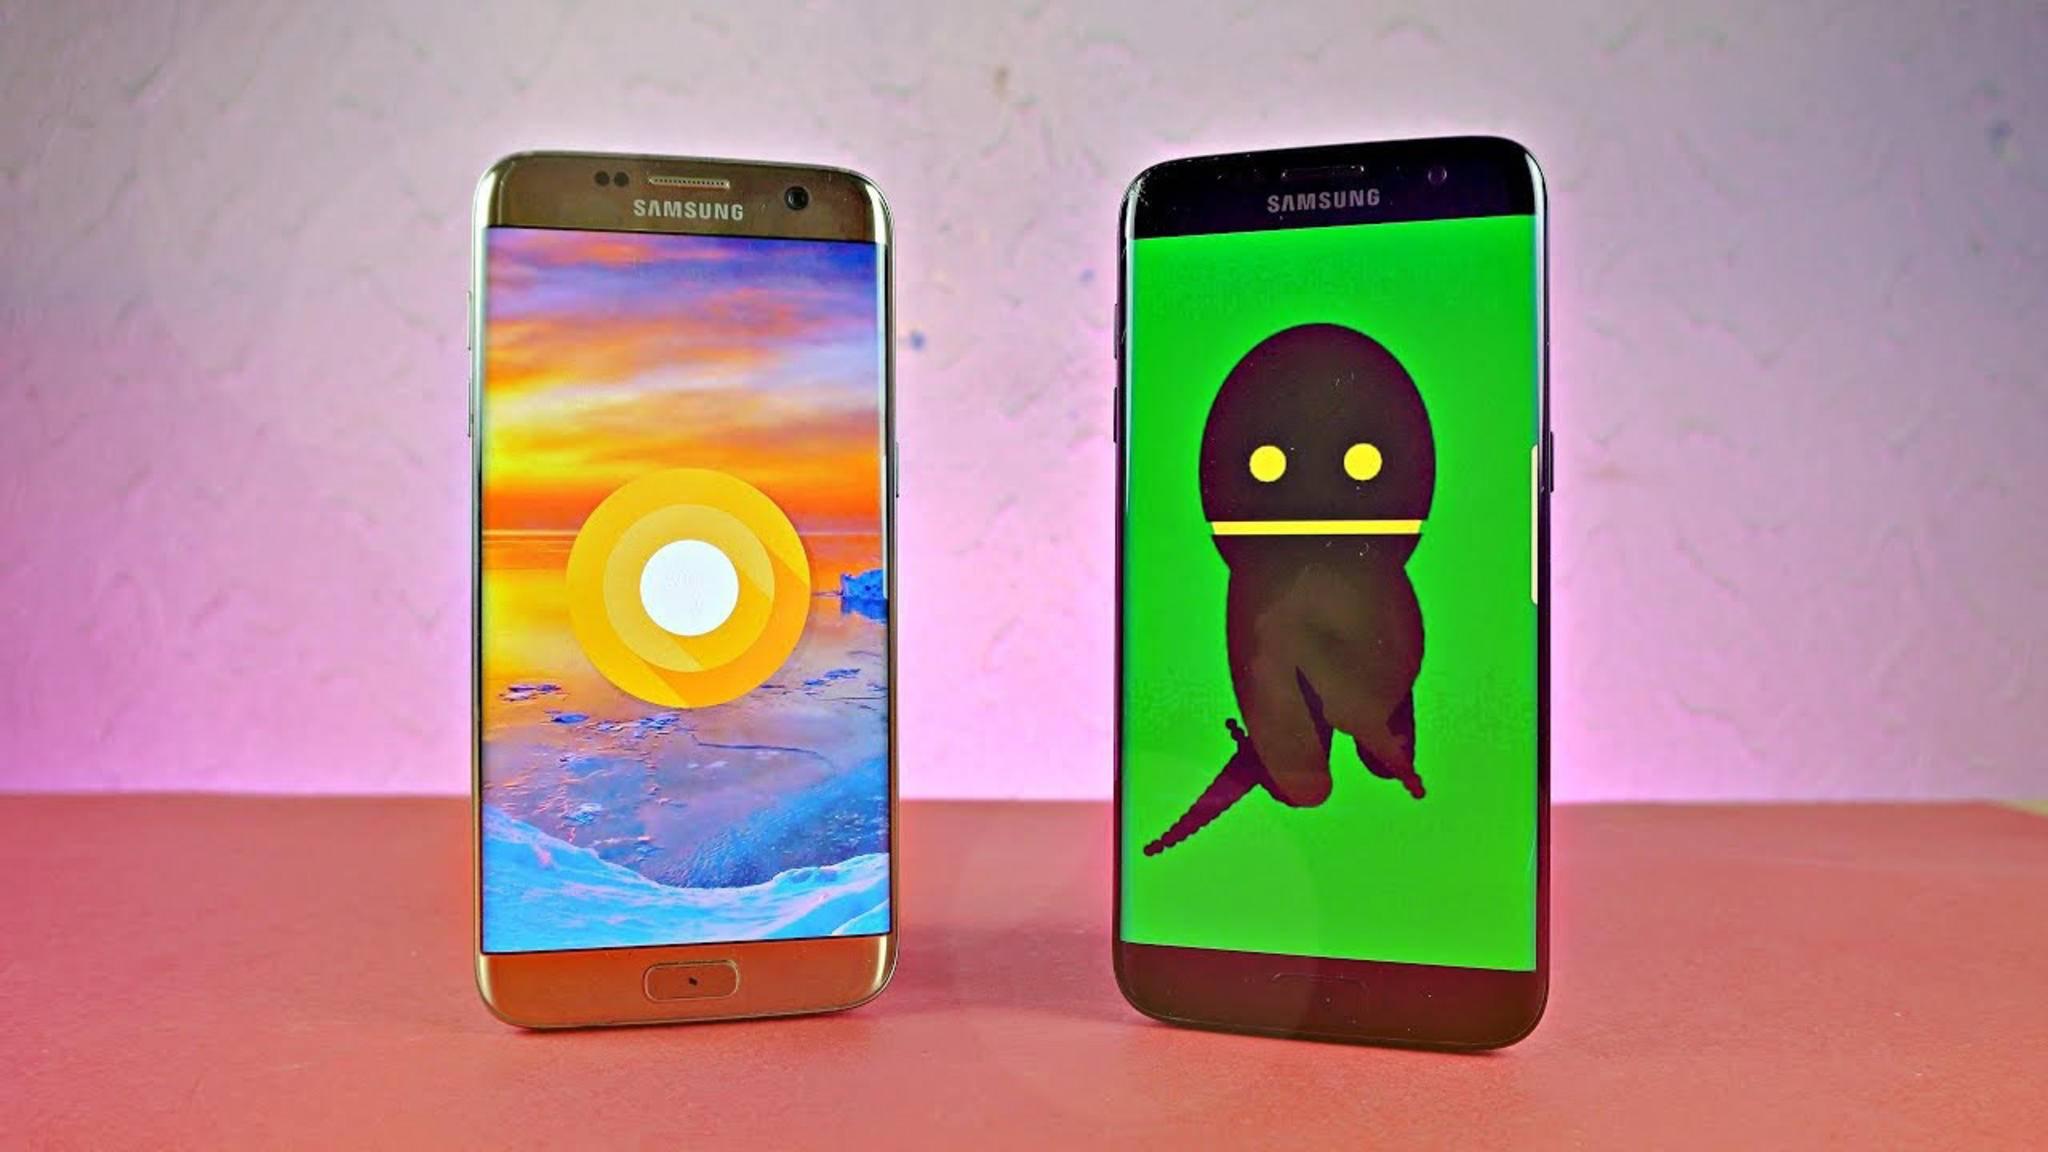 Erst Mitte Mai soll das Galaxy S7 Android 8.0 Oreo erhalten.